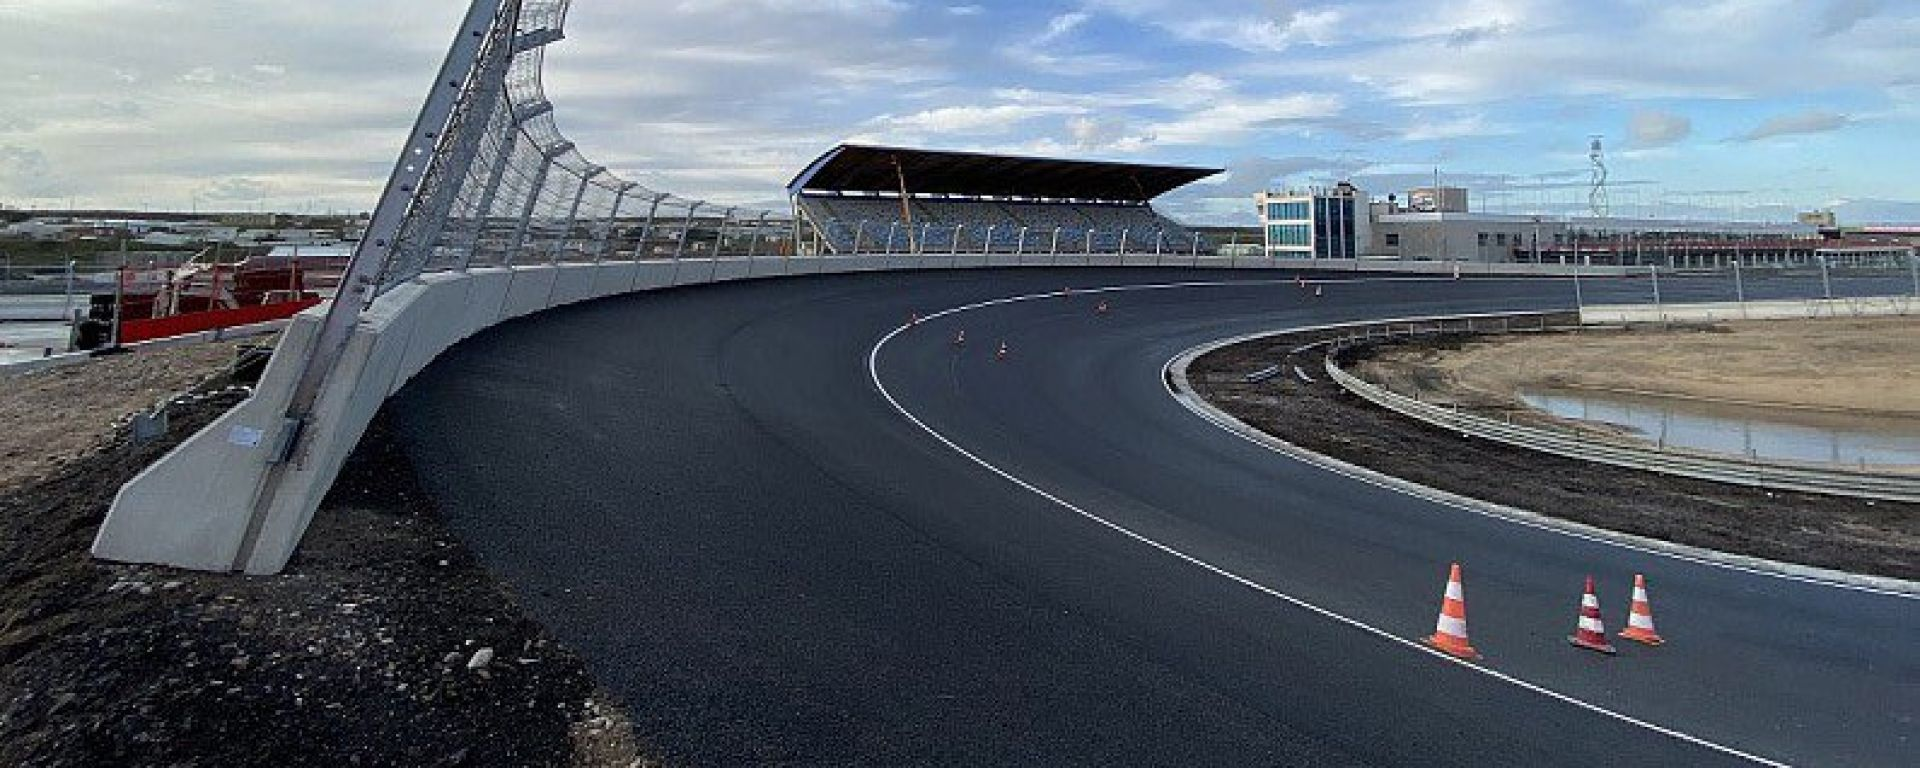 F1: la curva 14 del circuito di Zandvoort, sede del GP Olanda